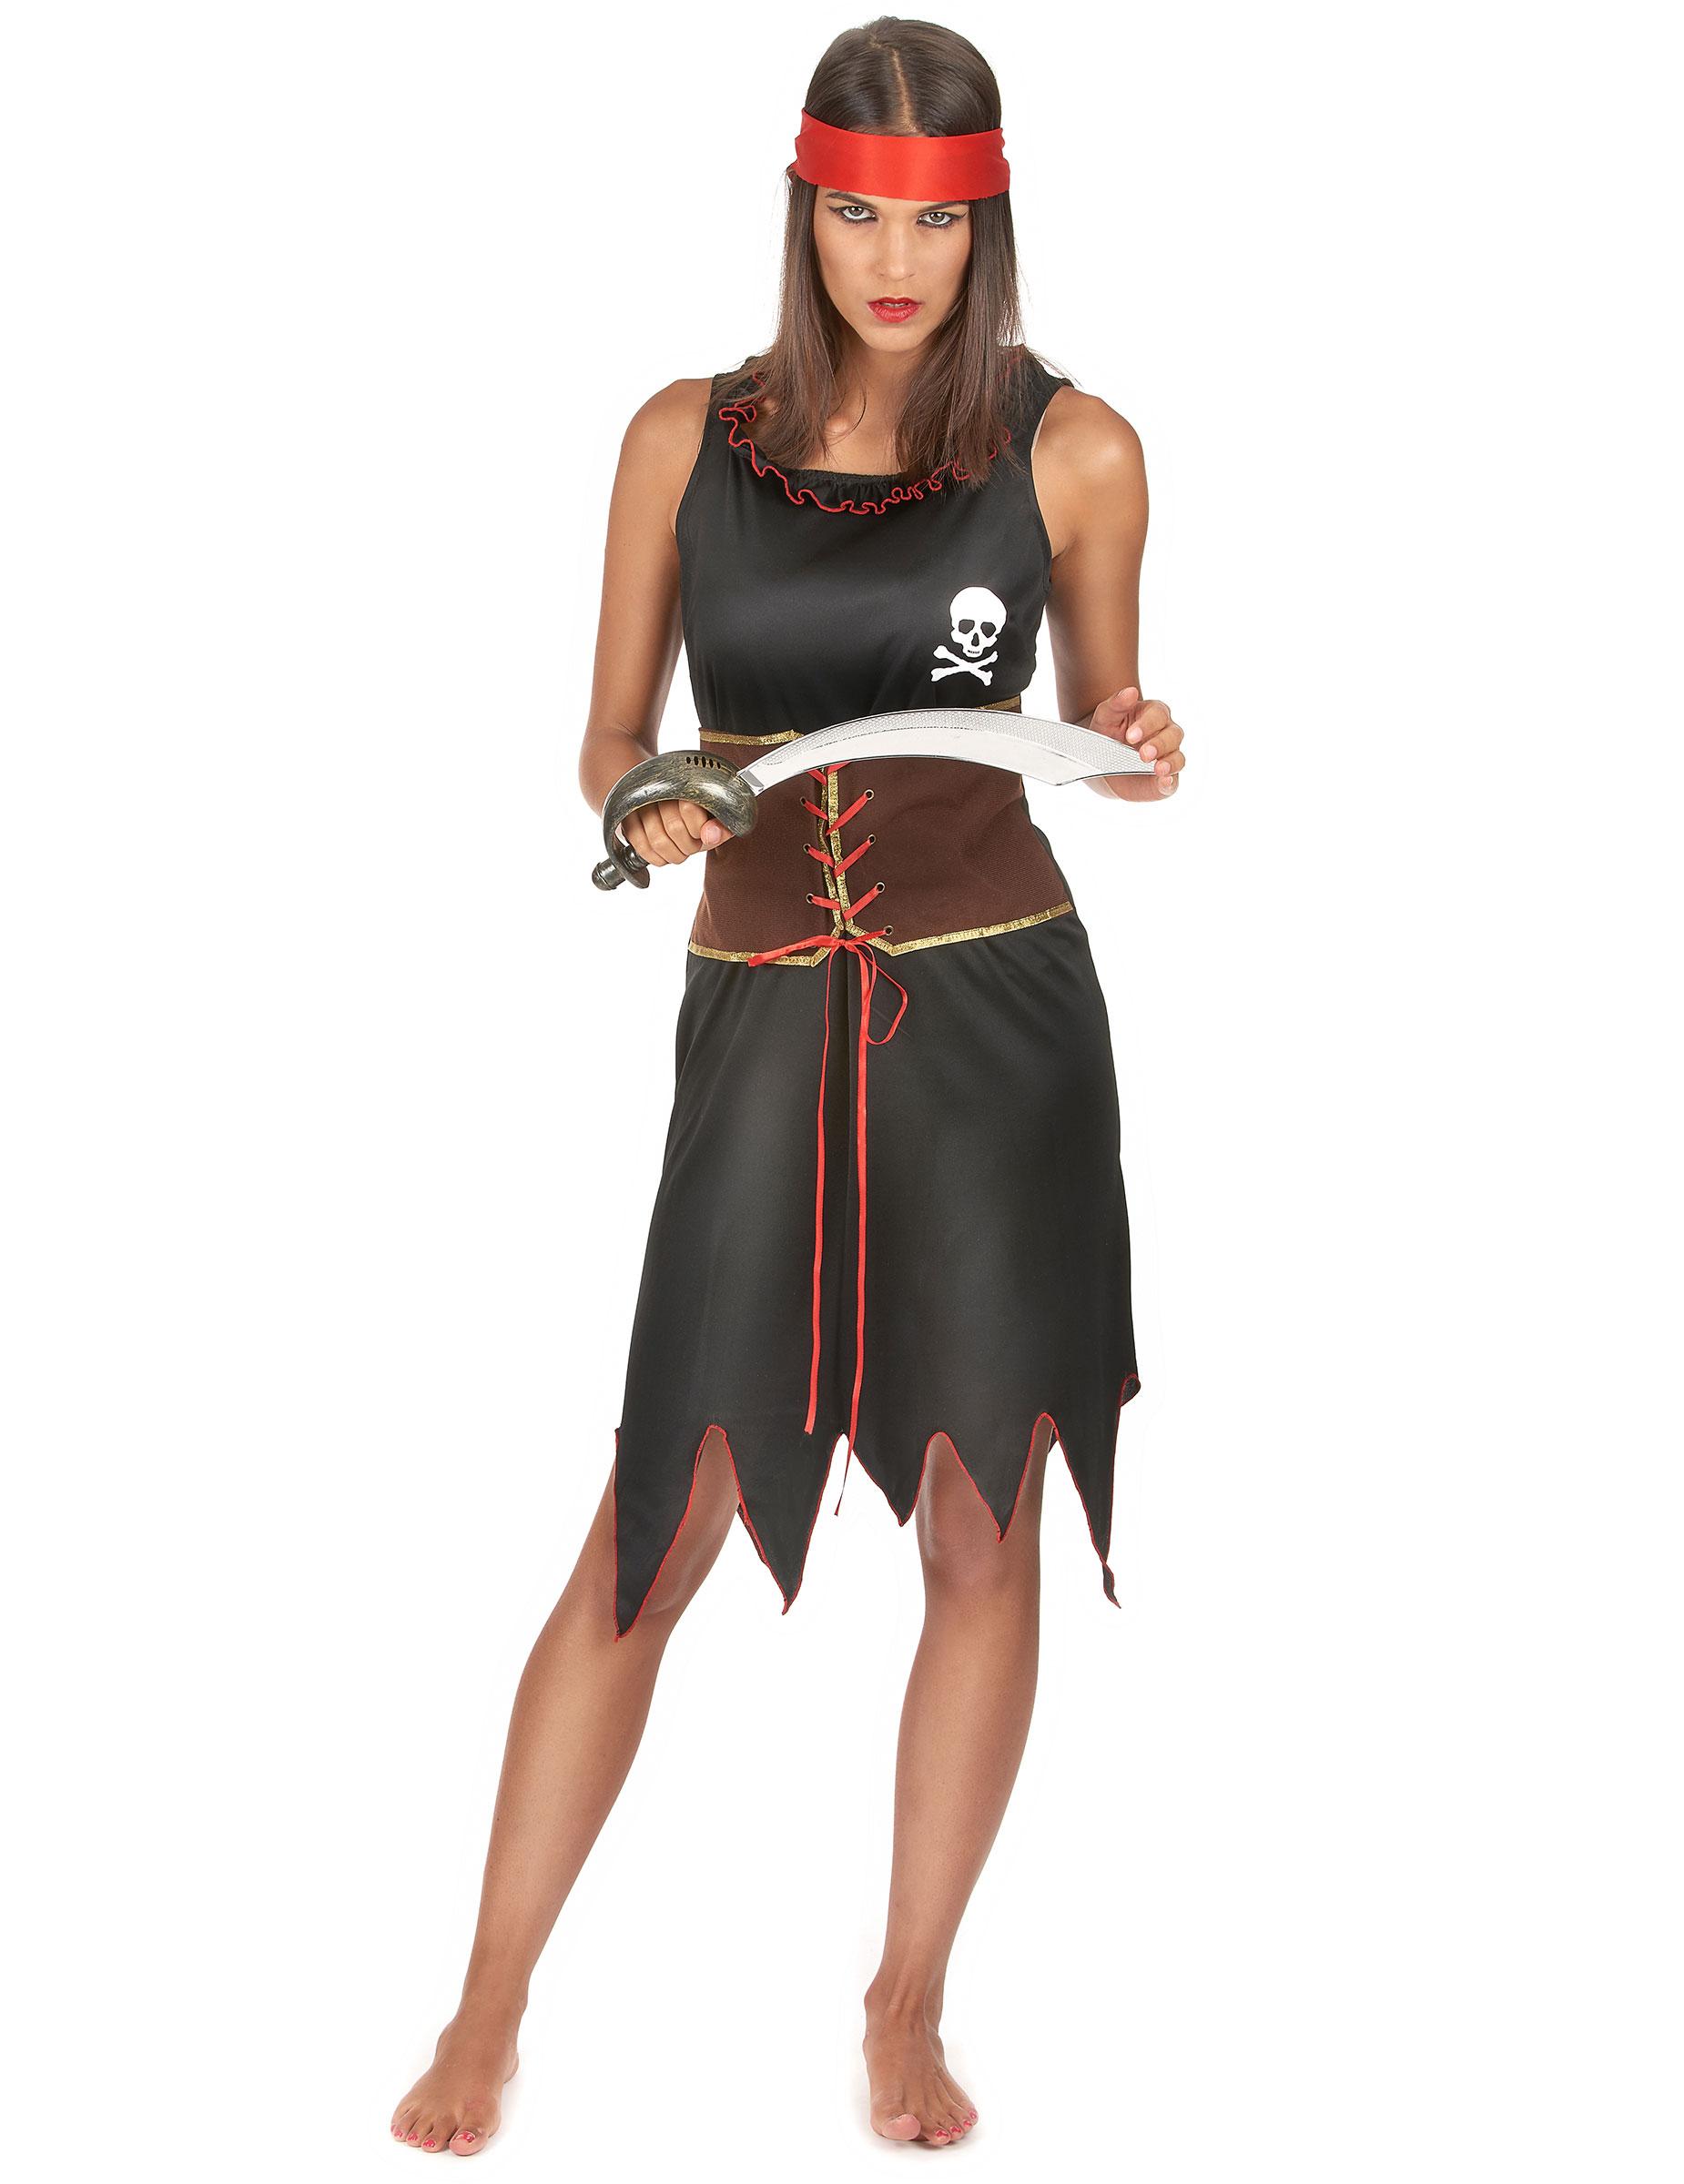 Disfraz pirata mujer disfraces adultos y disfraces - Disfraces caseros adulto ...